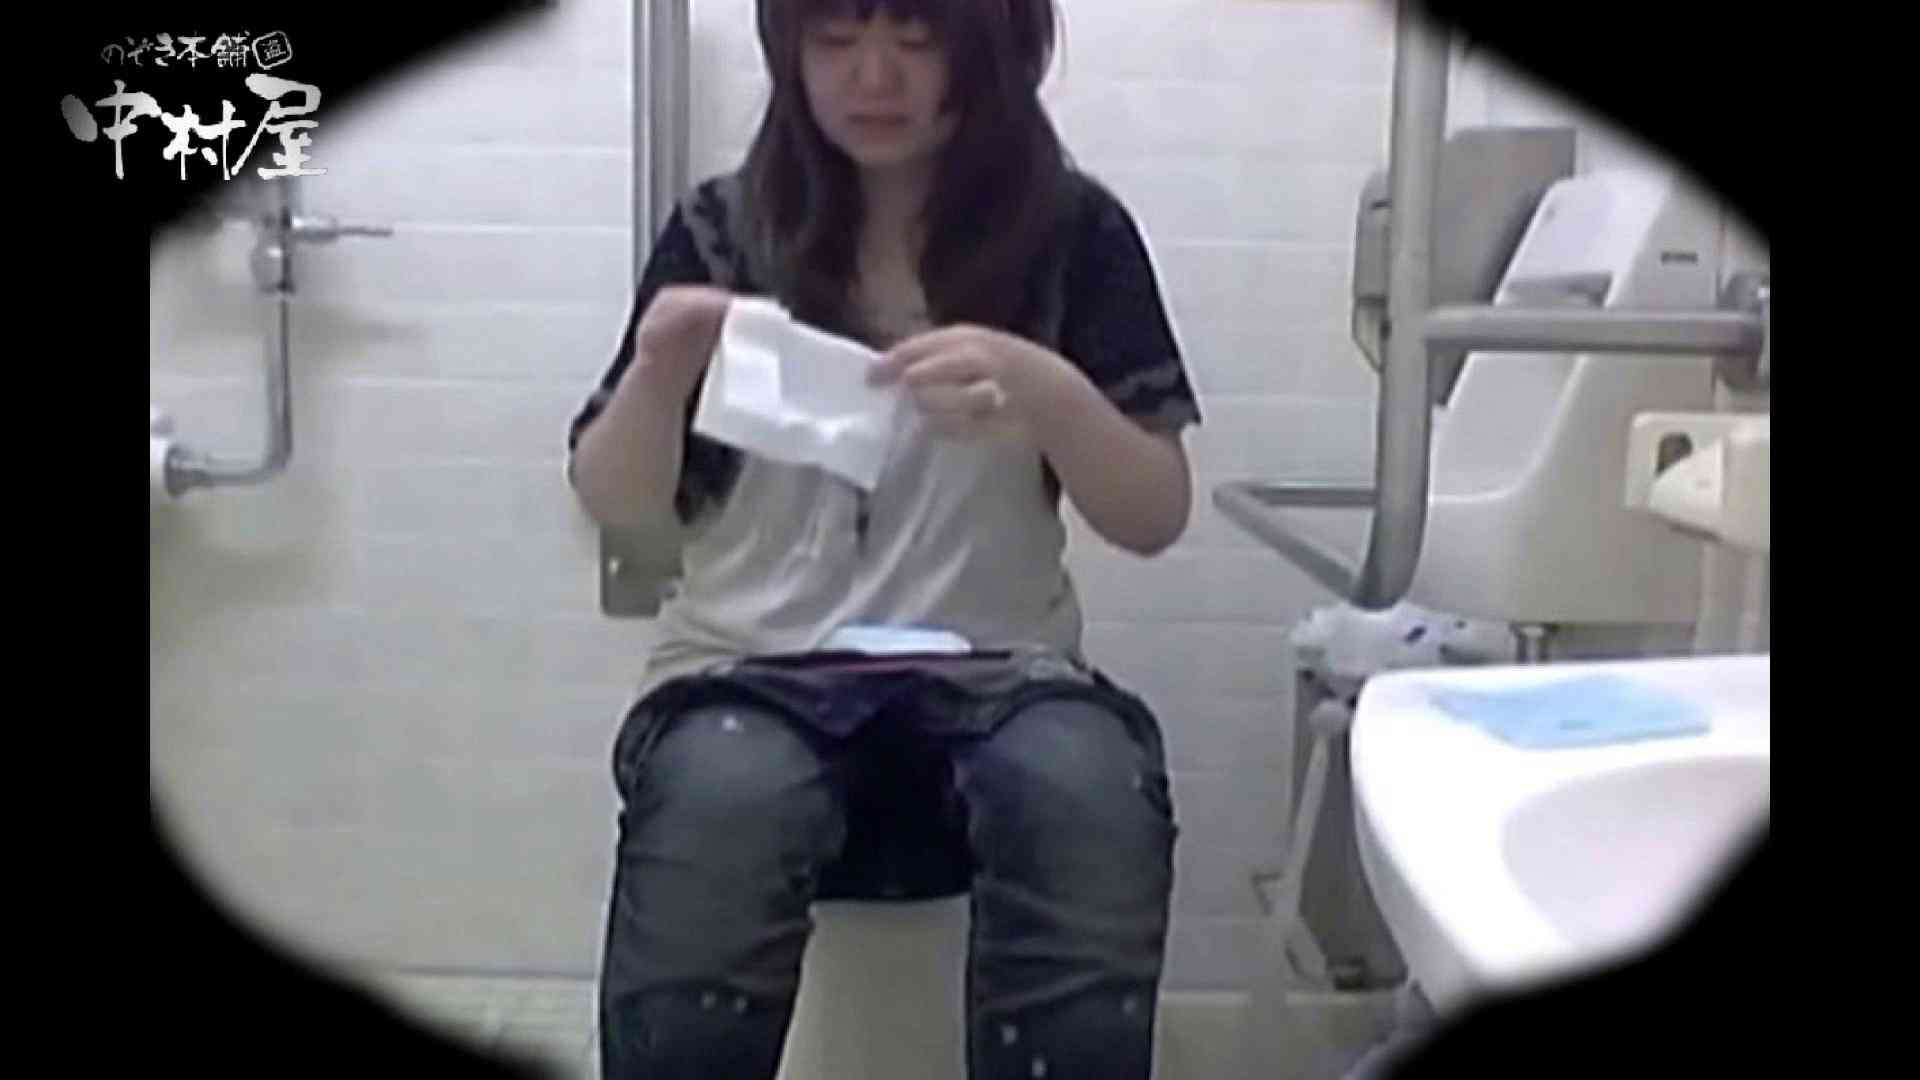 teen galトイレ覗き紙がナイ編‼vol.11 トイレ   覗き 盗撮 96PIX 76